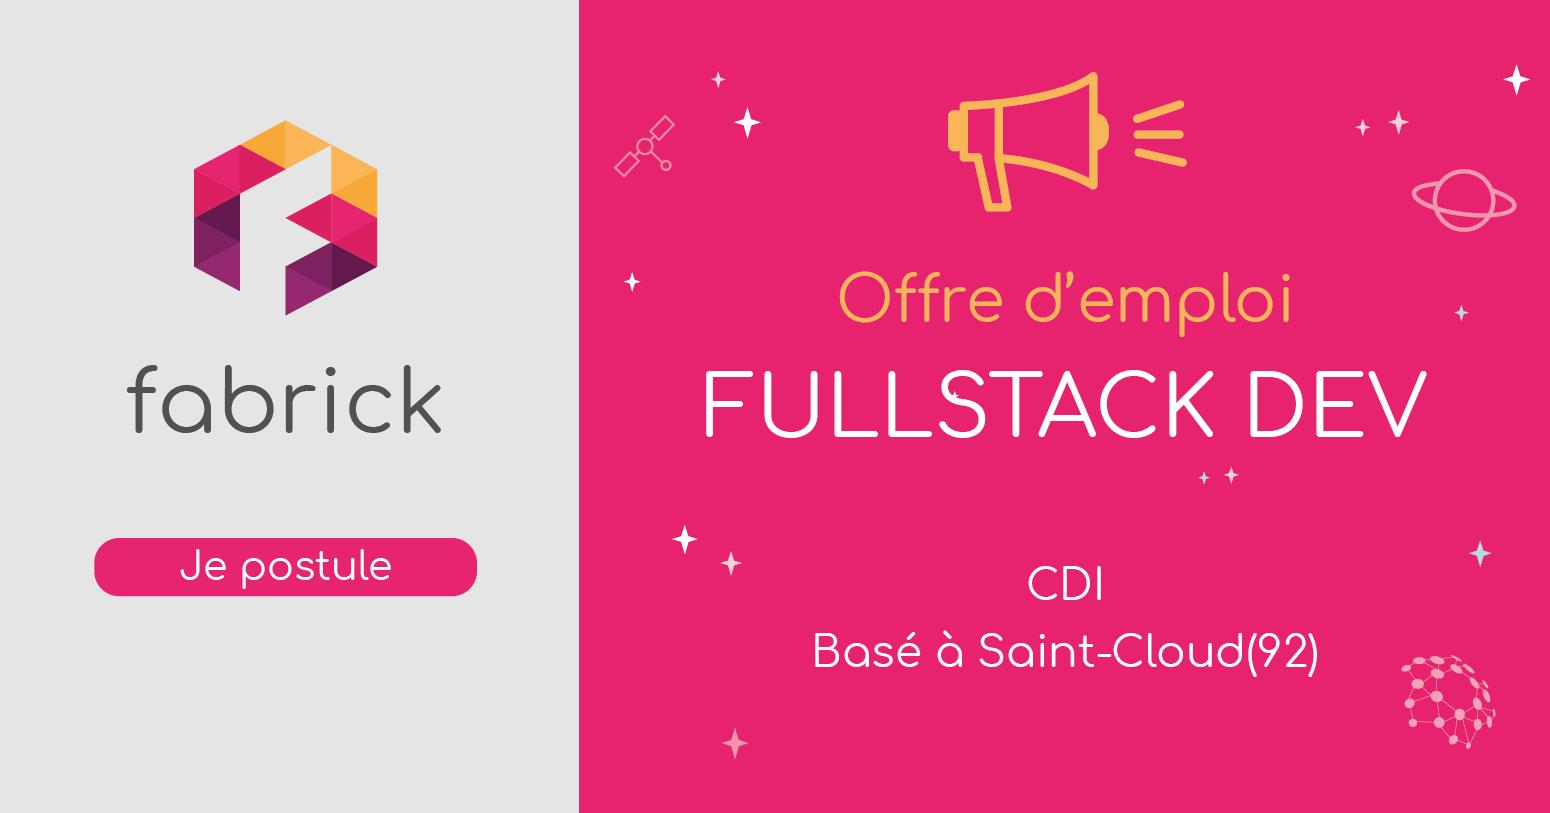 fullstack_dev_fabrick